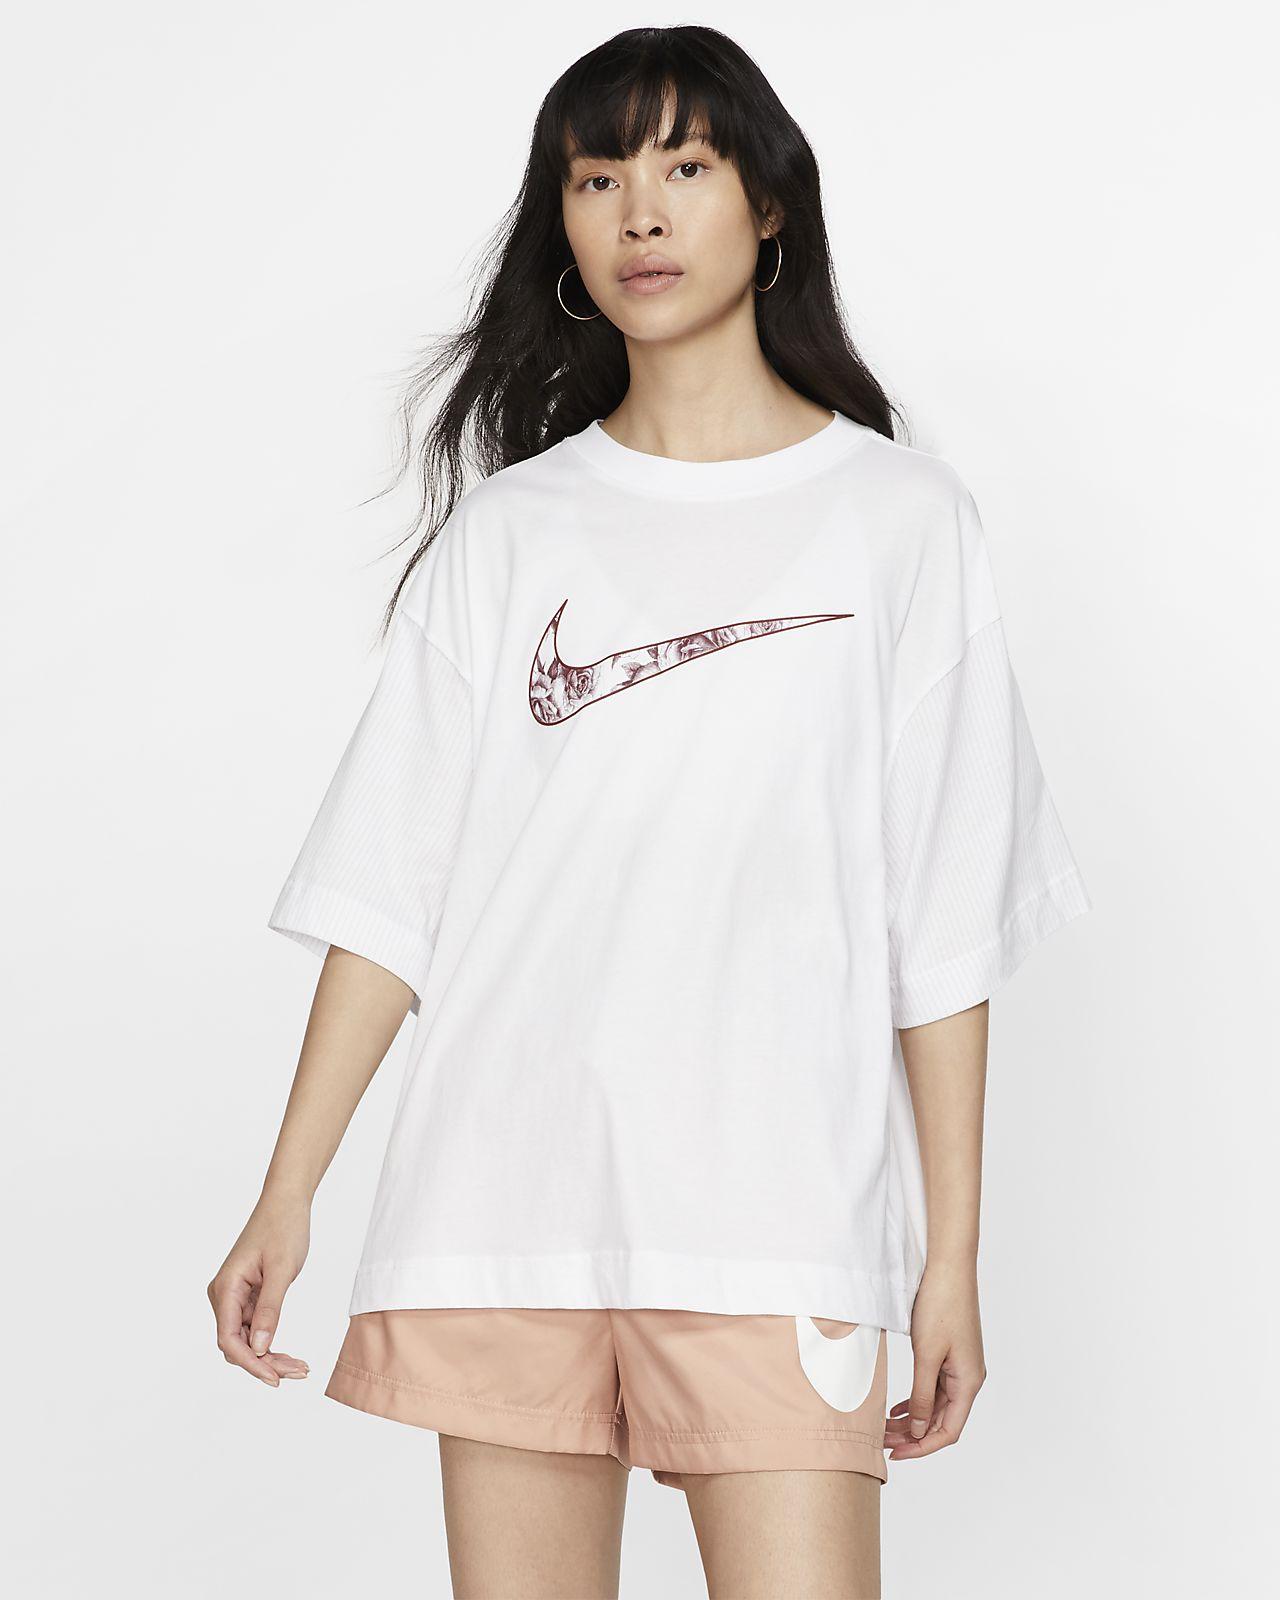 Camisola de manga curta Nike Sportswear Unité Totale para mulher